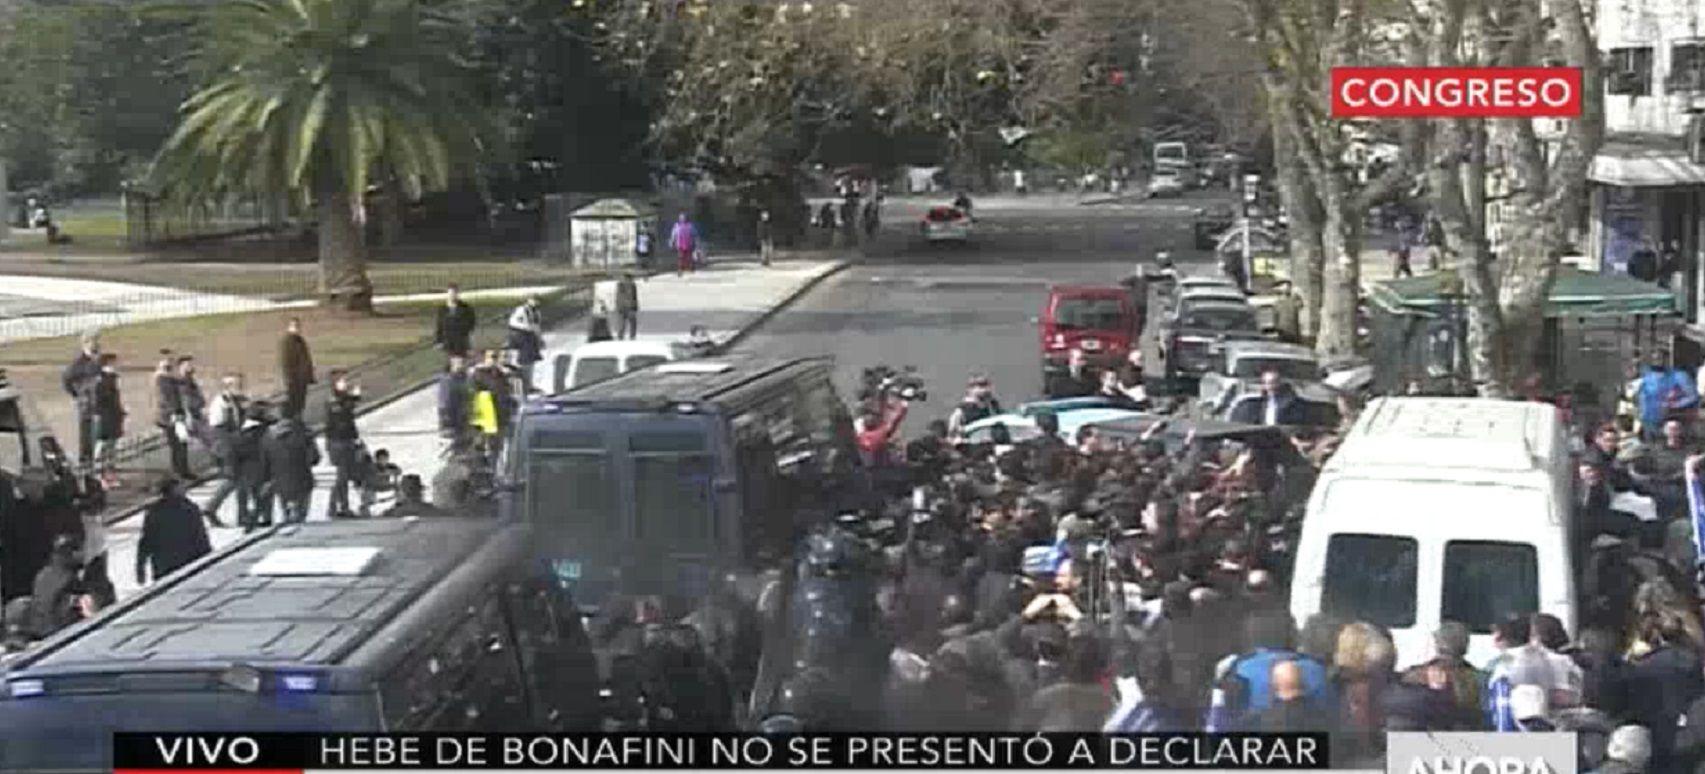 VIDEO: El momento en que Hebe de Bonafini se retira en camioneta y por la vereda